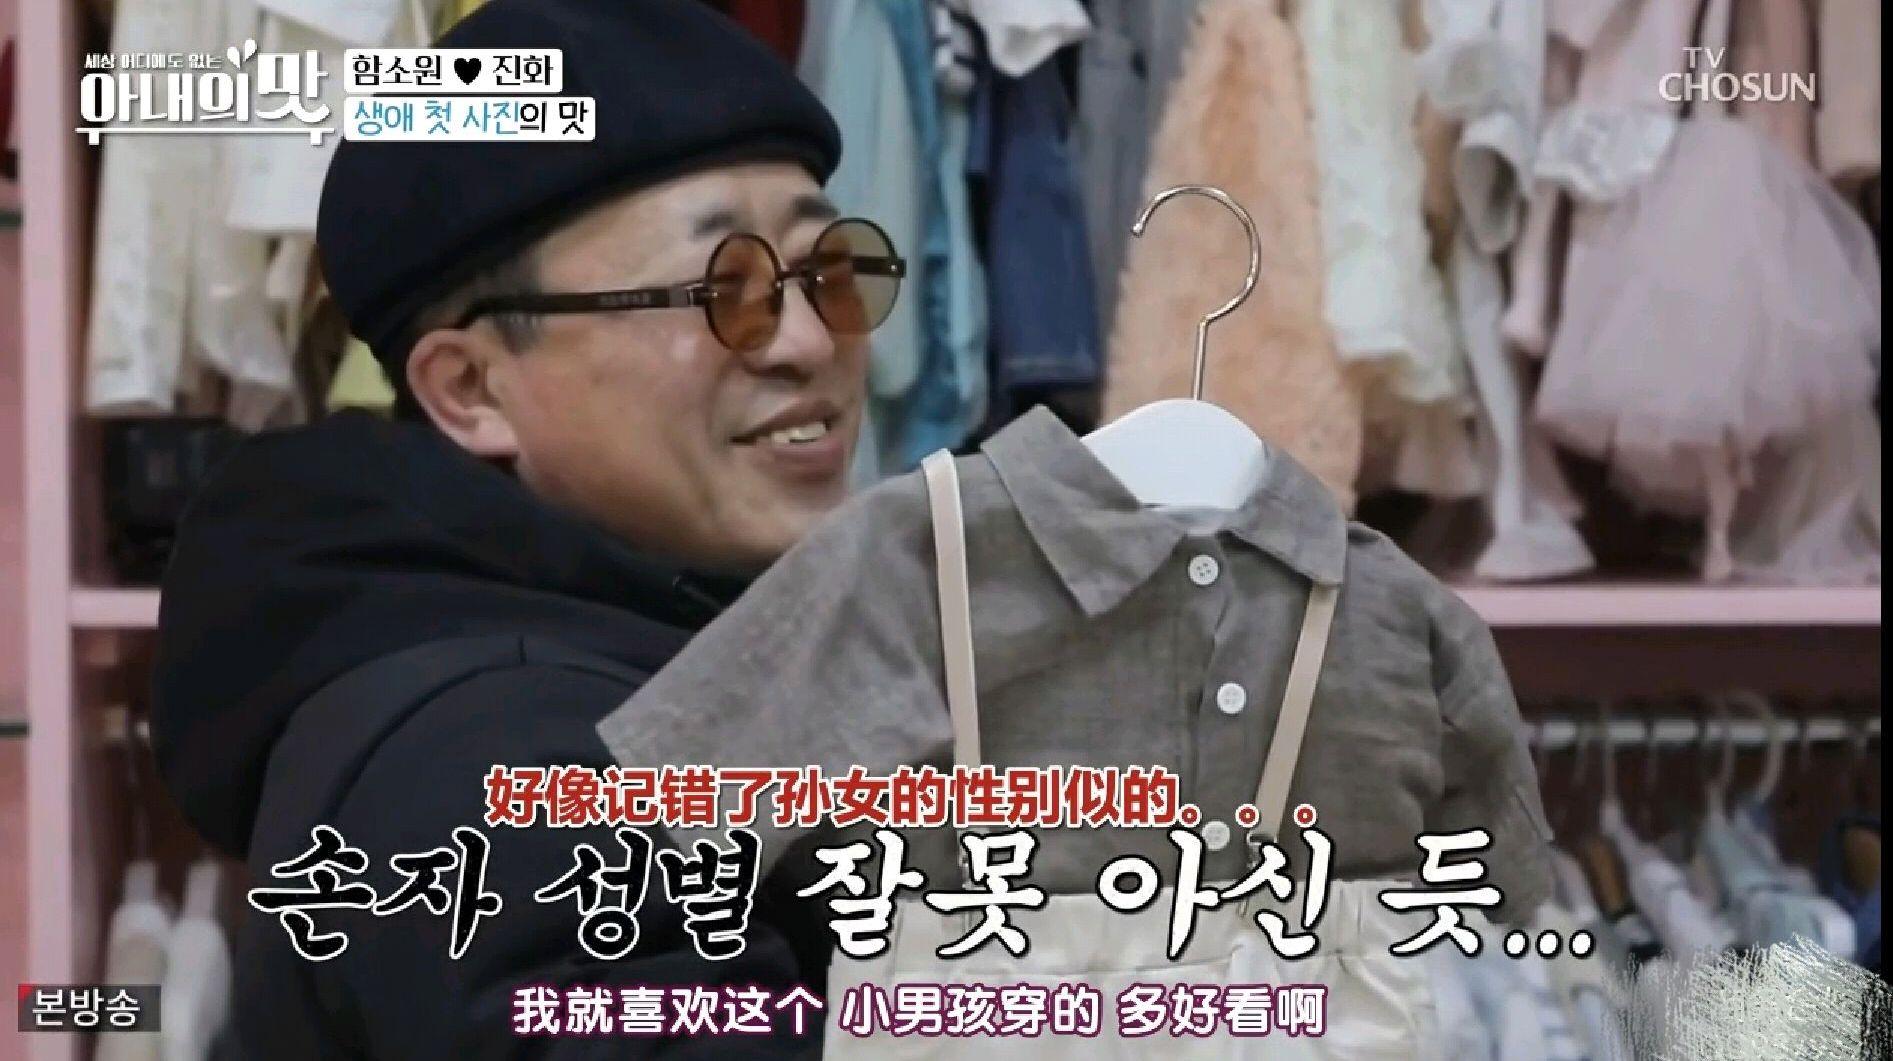 咸素媛公公想抱孙子,让孙女穿男孩衣服,陈华6个月后准备二胎!